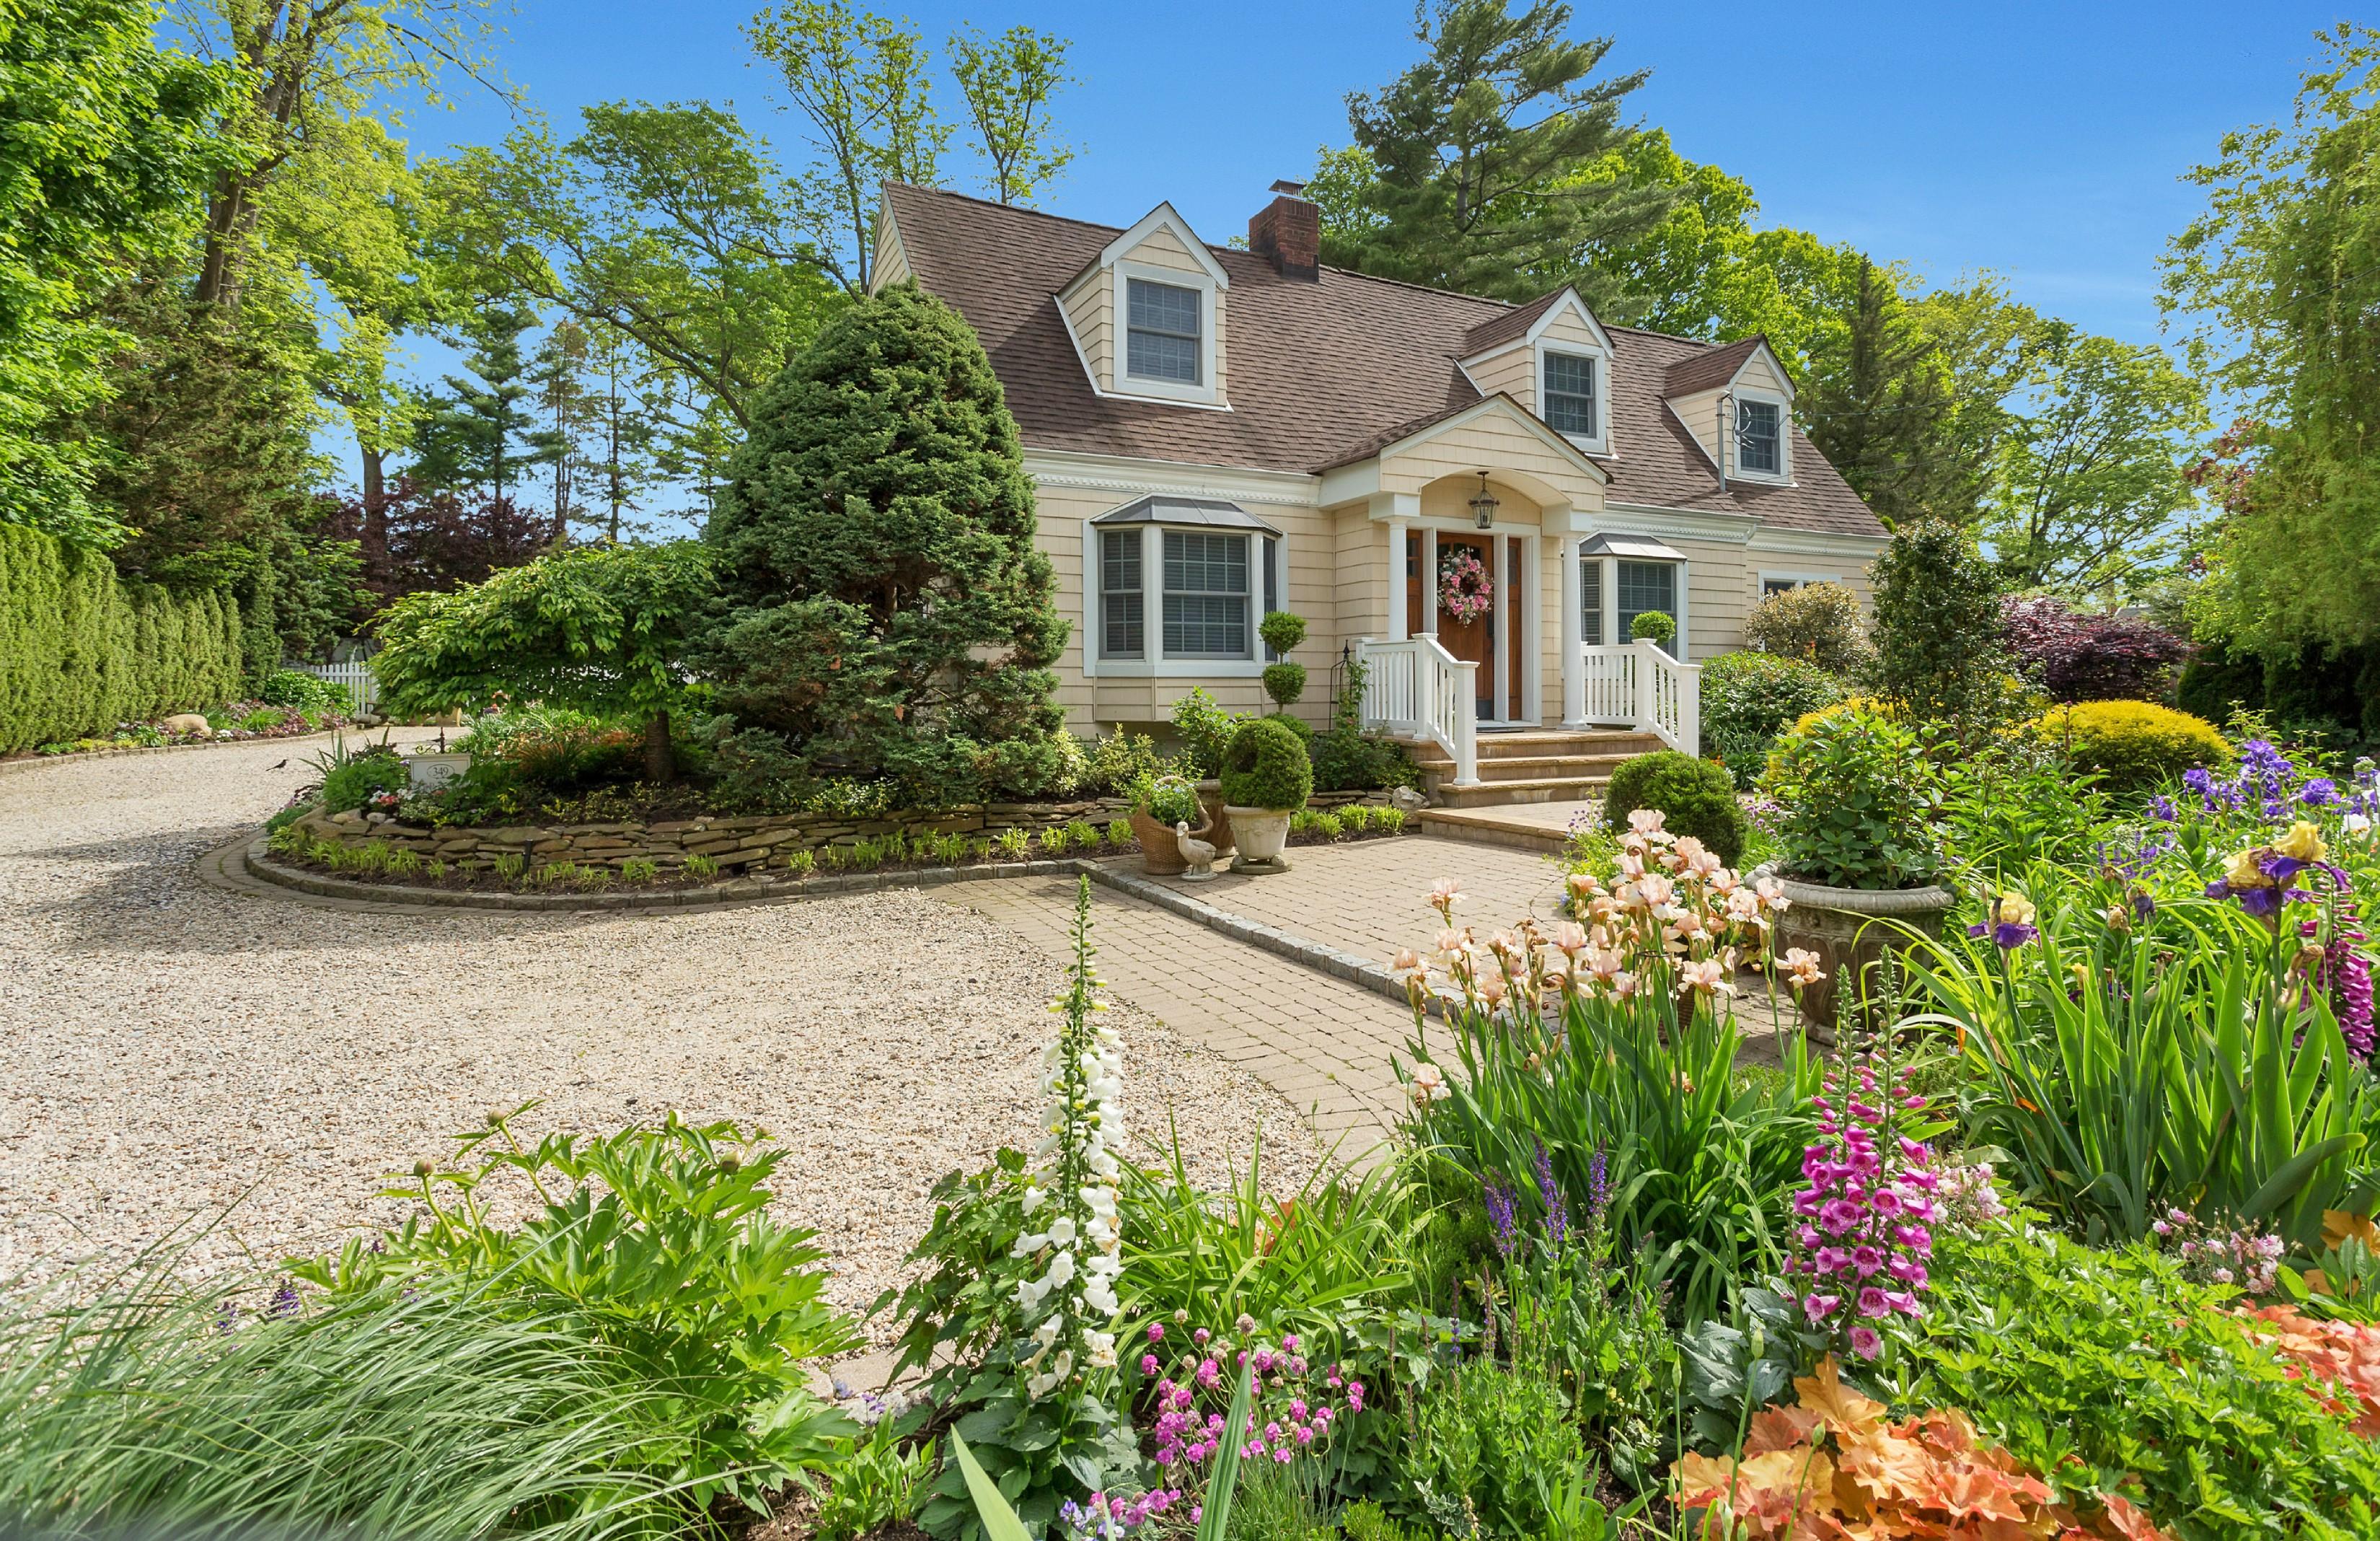 独户住宅 为 销售 在 Colonial 349 Harbor Dr 中央岛, 纽约州, 11771 美国